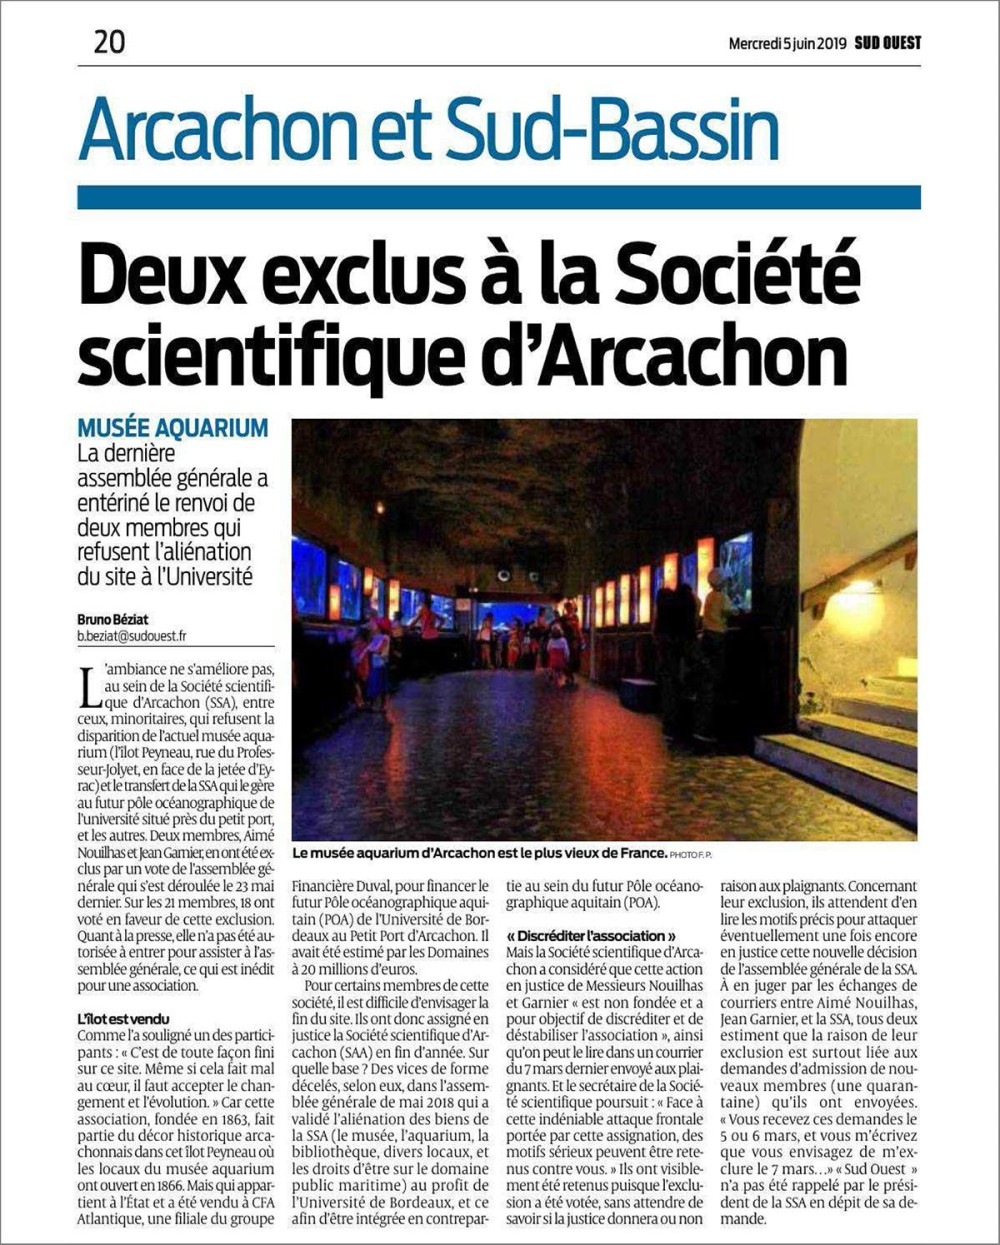 Deux exclus à la Société Scientifique d'Arcachon - Sud-Ouest du 5 Juin 2019